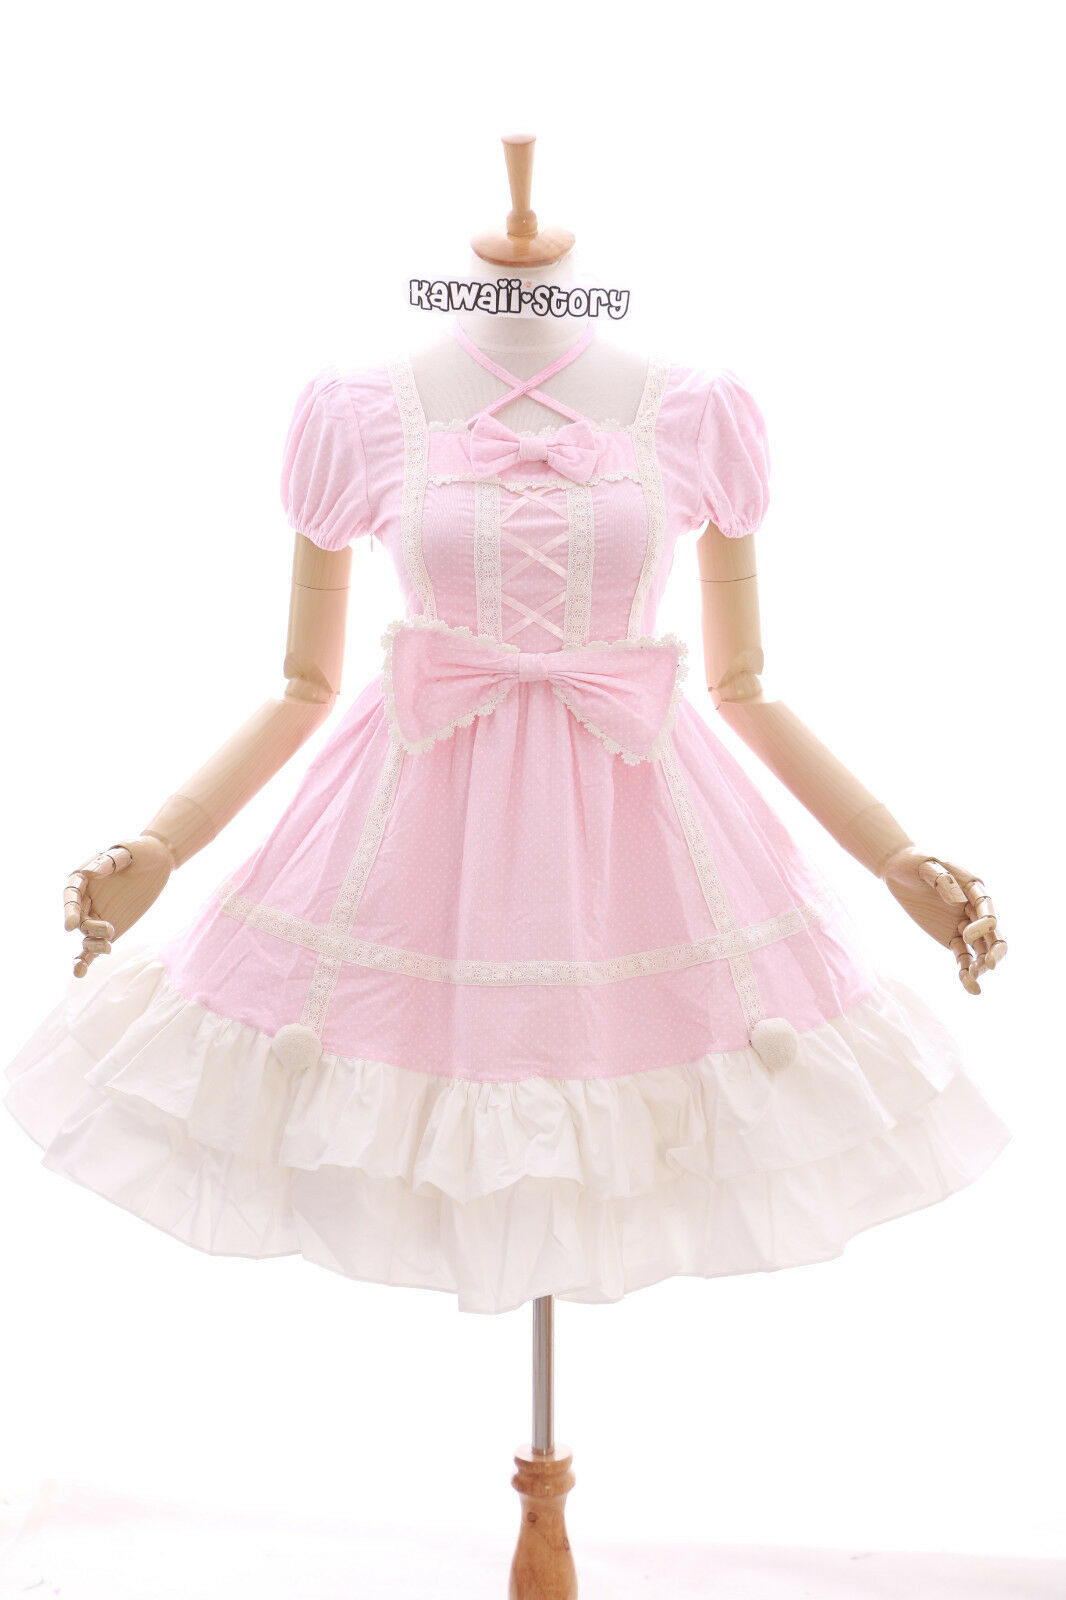 JL-628-2 pink Punkte Klassik Gothic Schleife Lolita Kleid dress Kostüm Cosplay